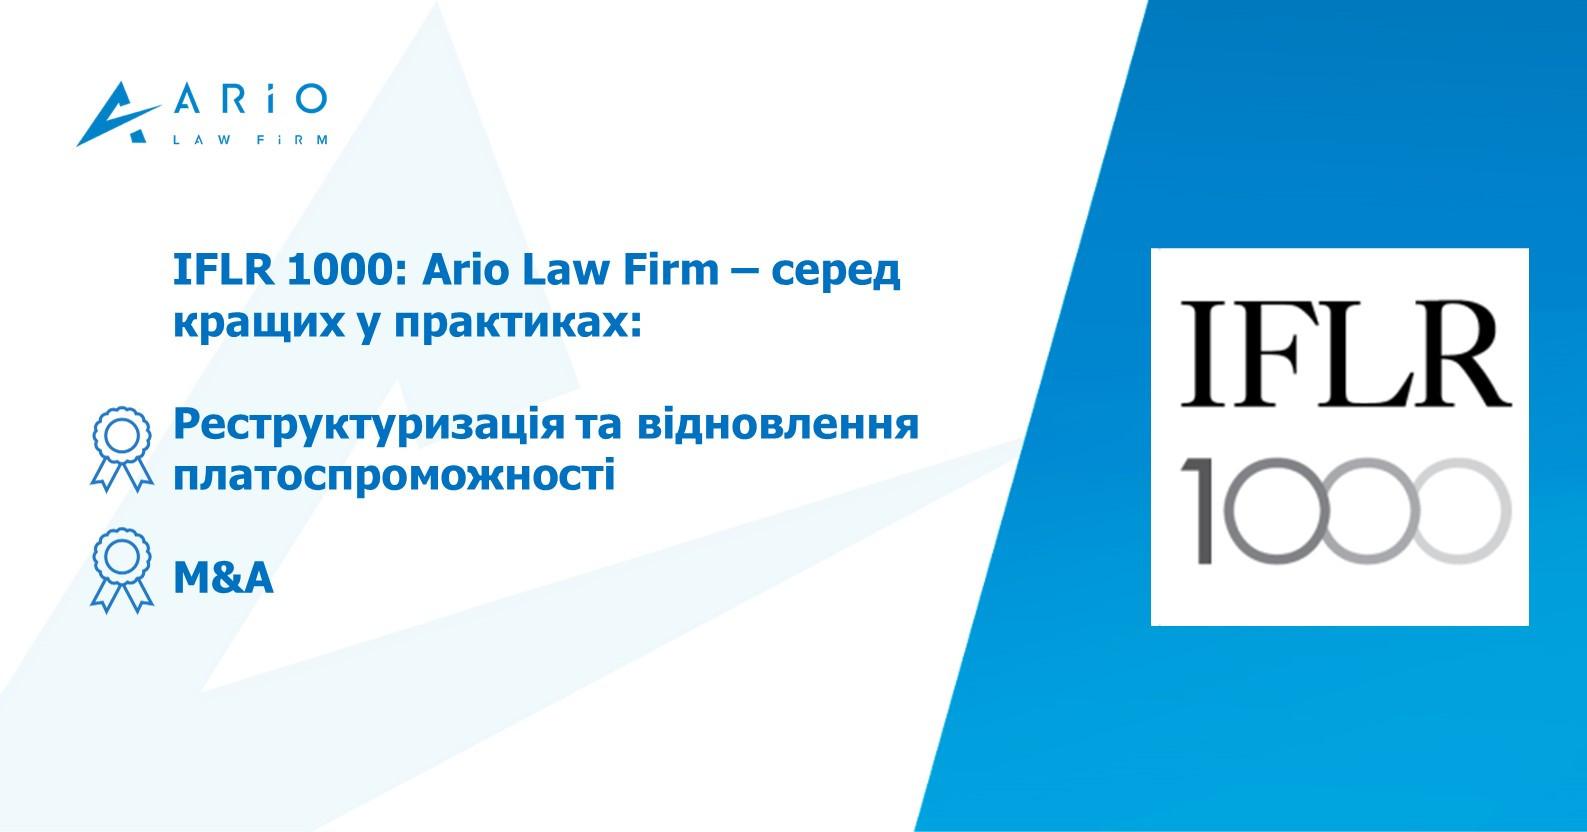 IFLR 1000: Ario Law Firm – традиційно серед кращих